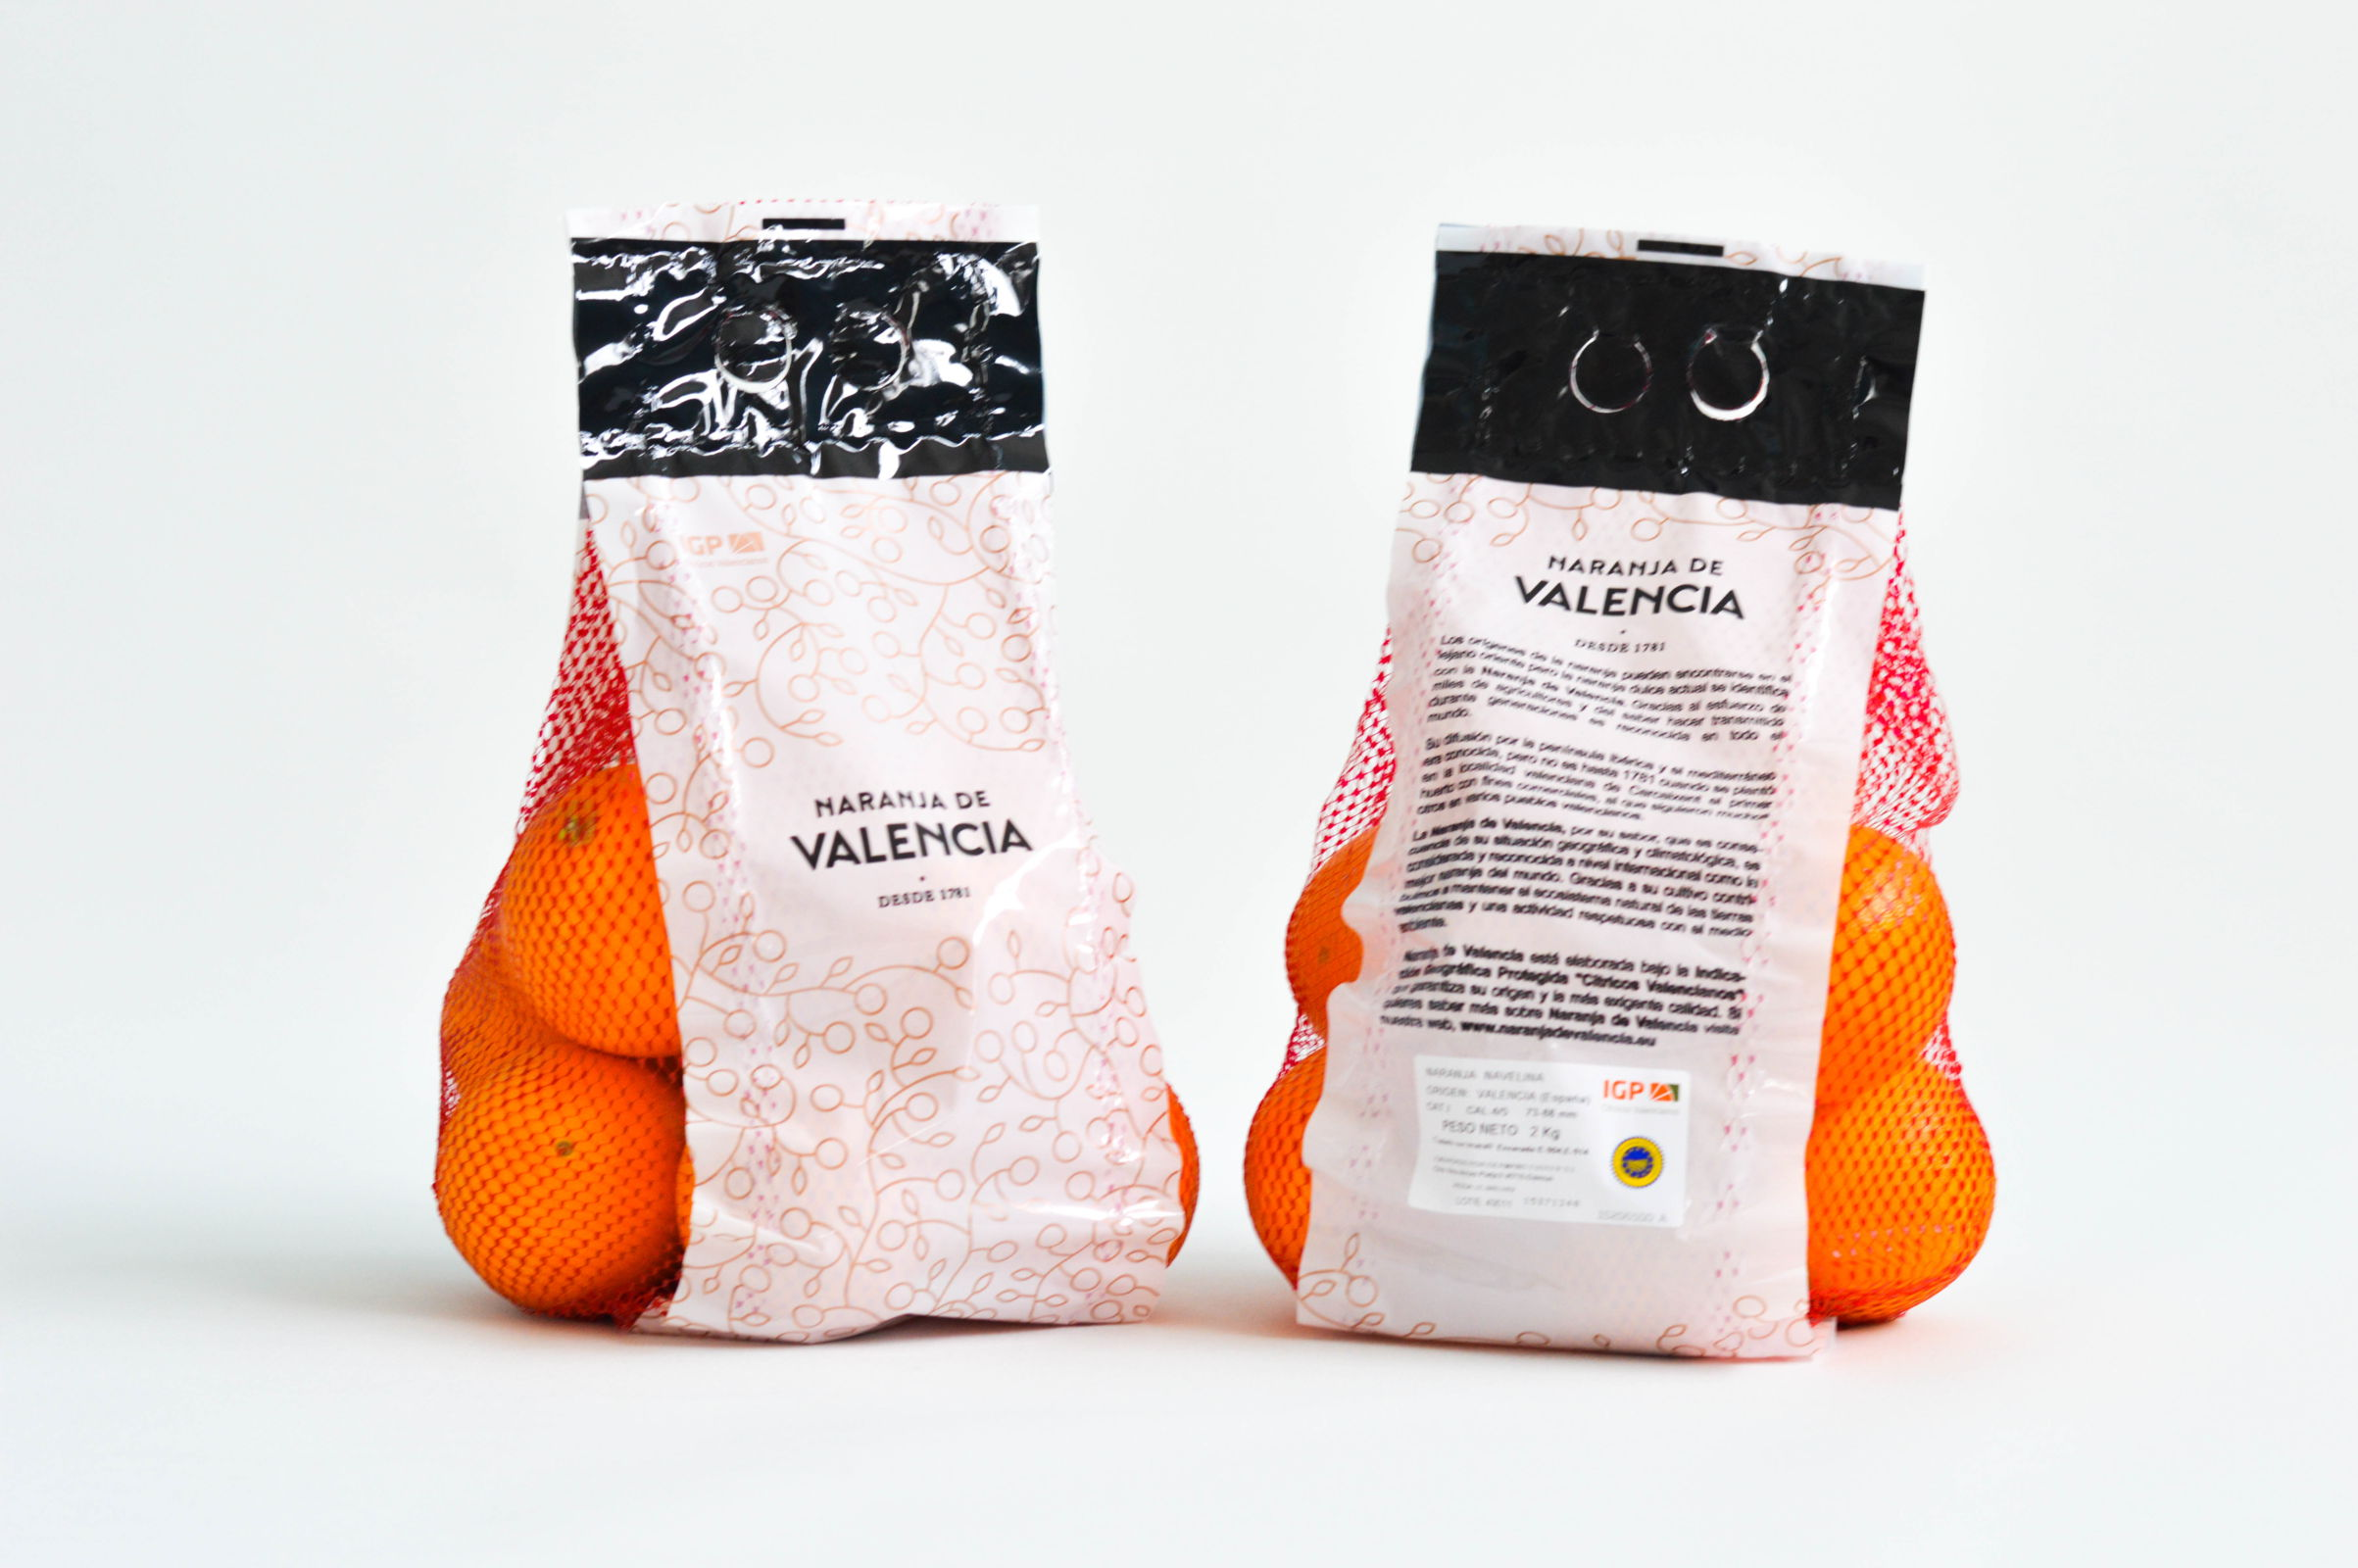 girsack-naranja-de-valencia